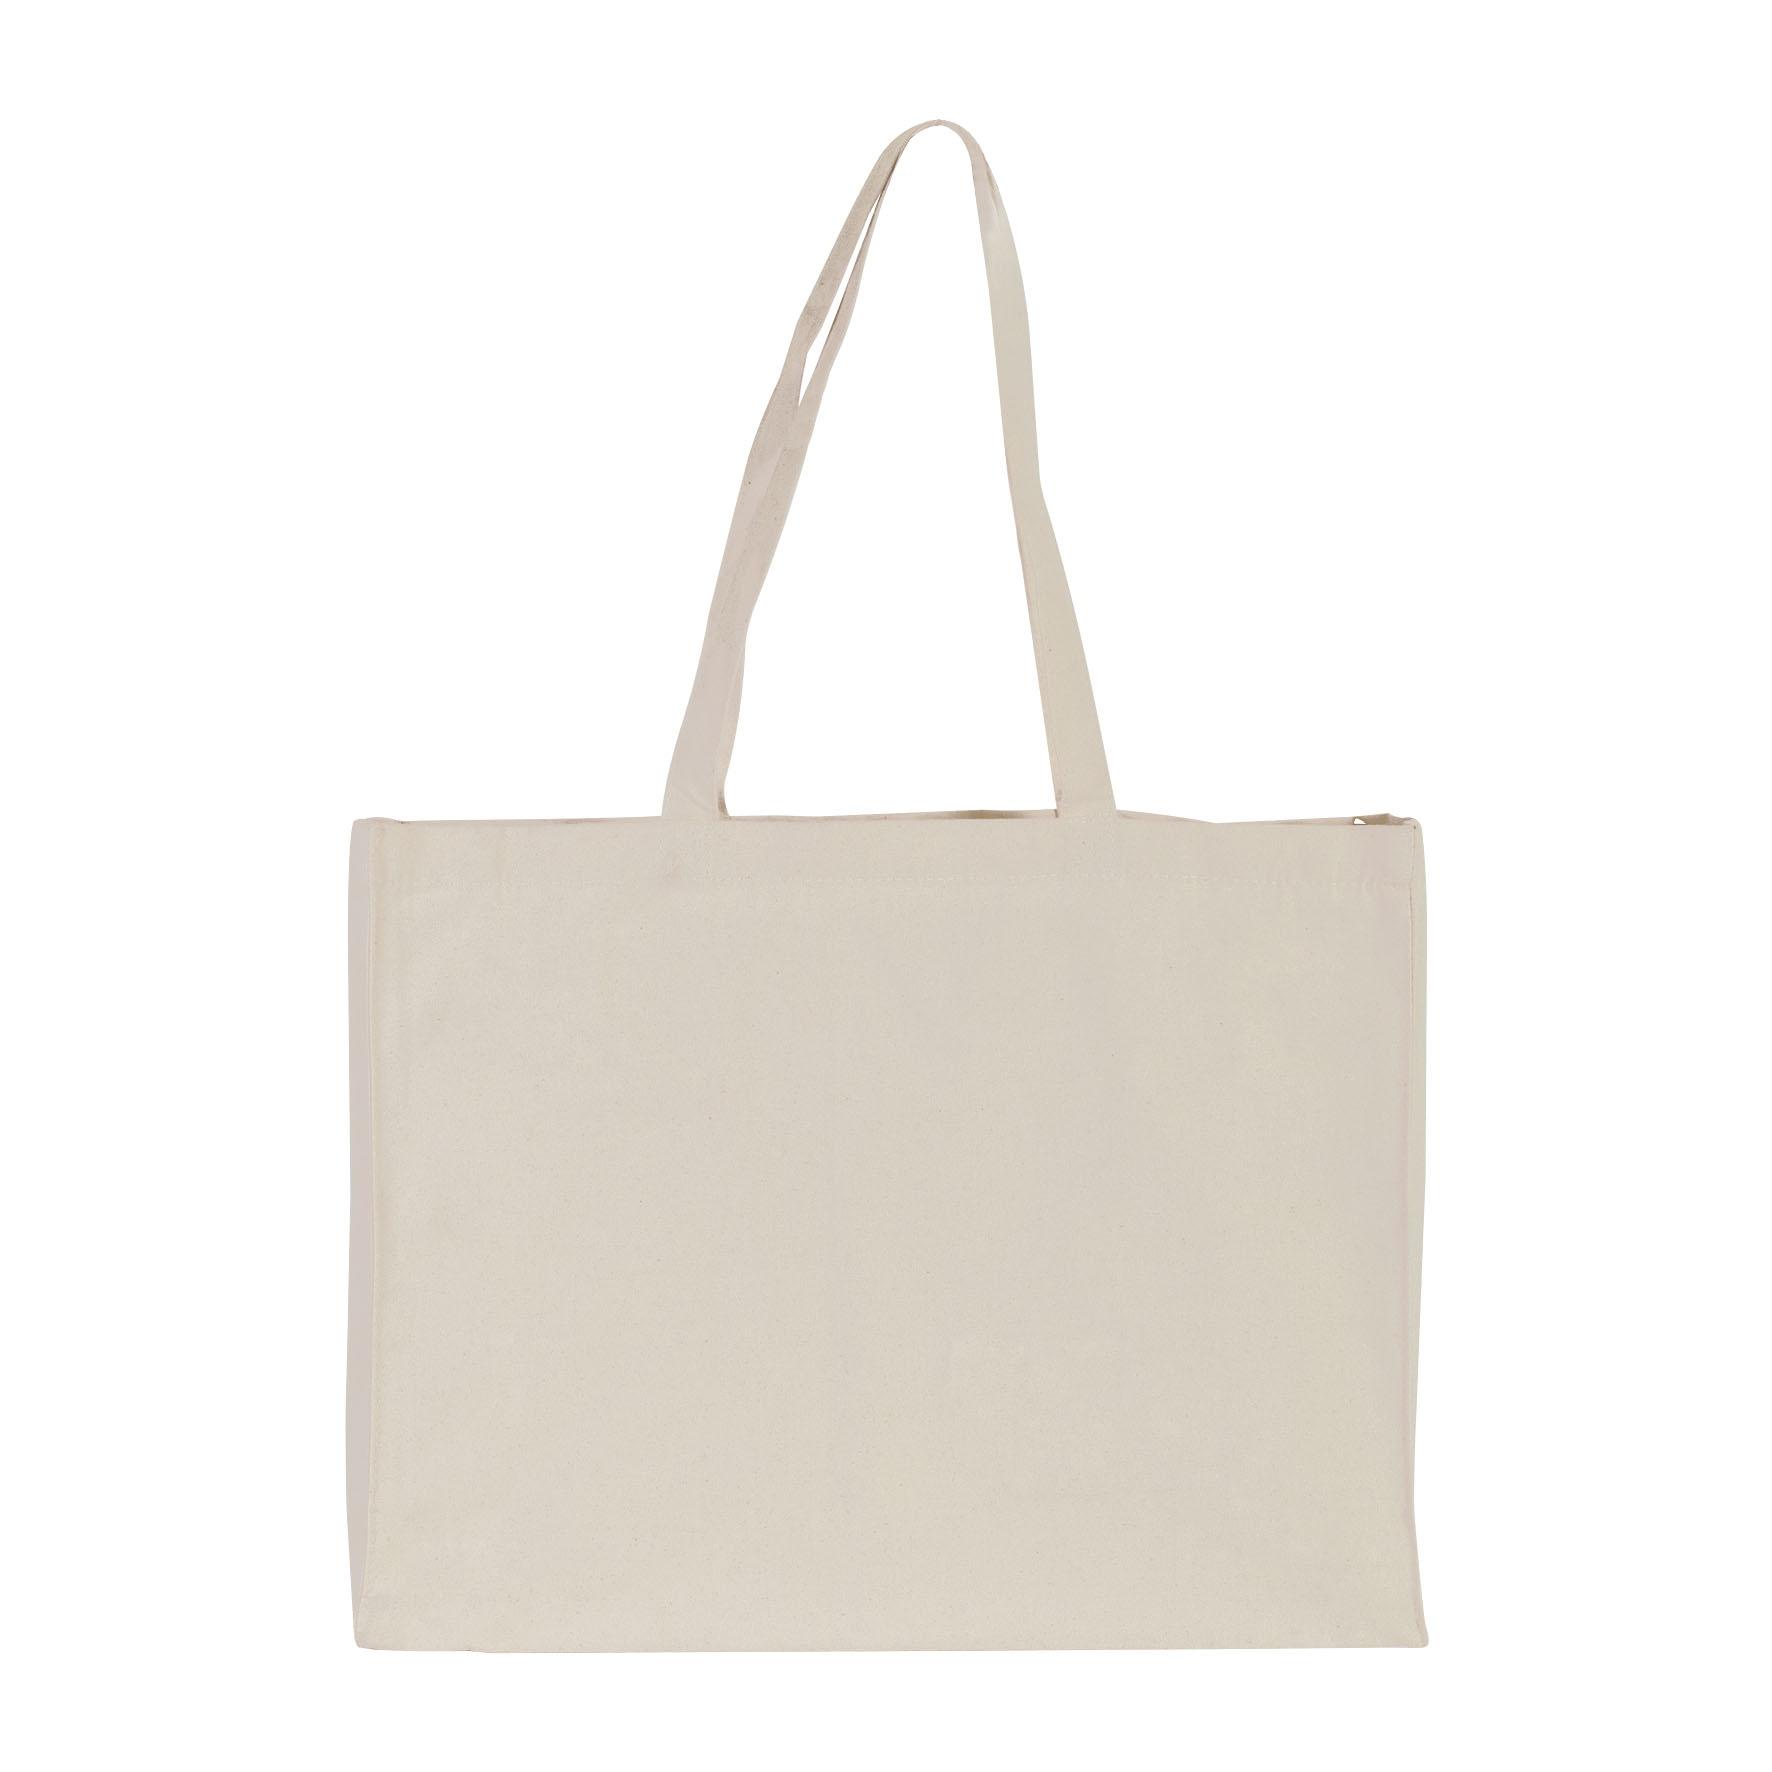 Sac shopping publicitaire coton canevas Large - Cadeau promotionnel